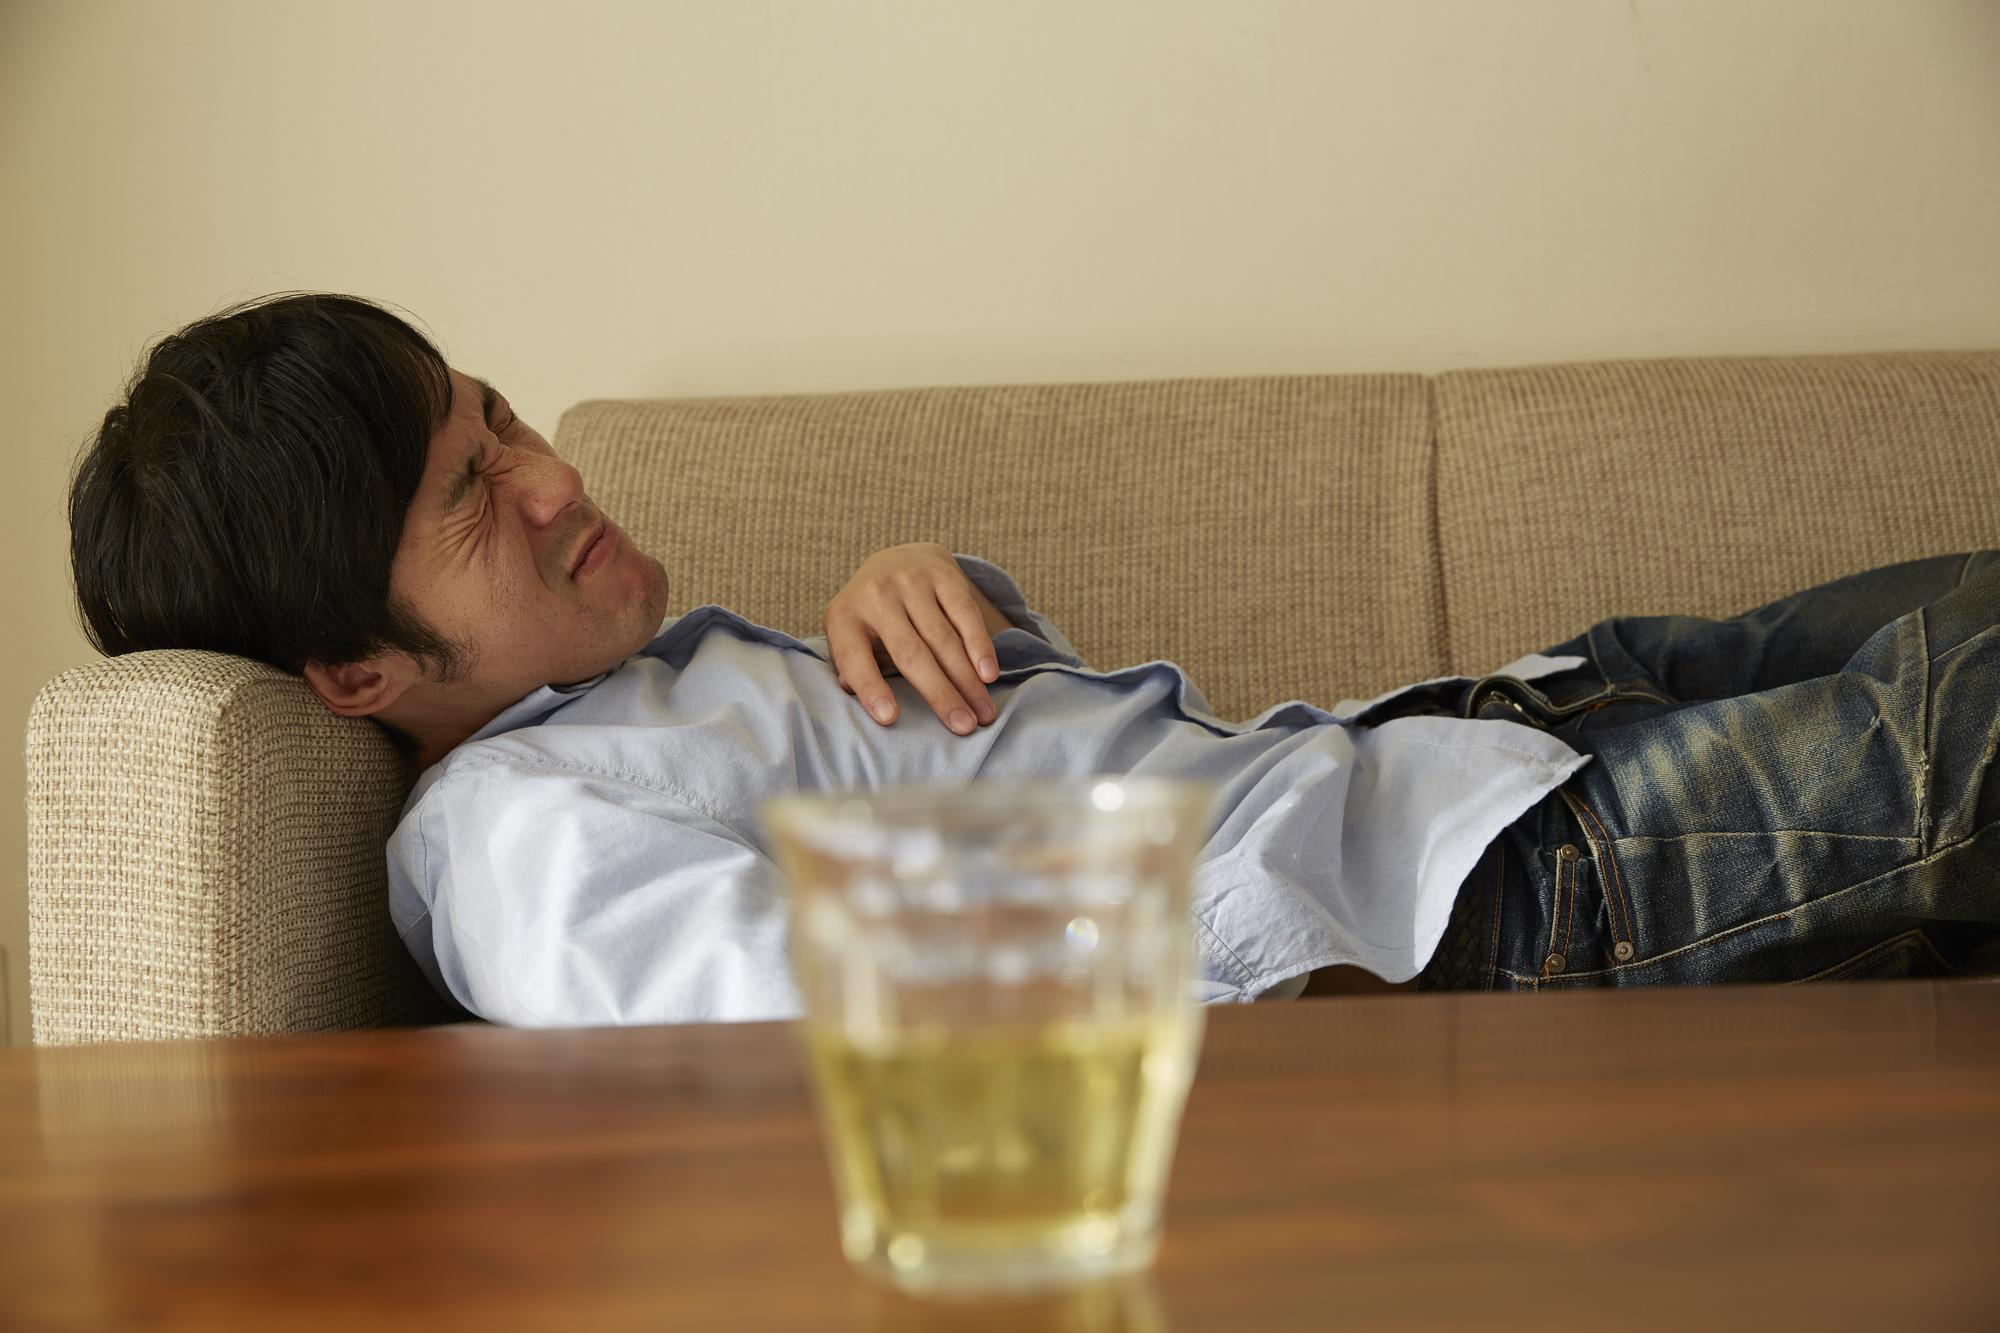 横になる男性 アルコール依存症